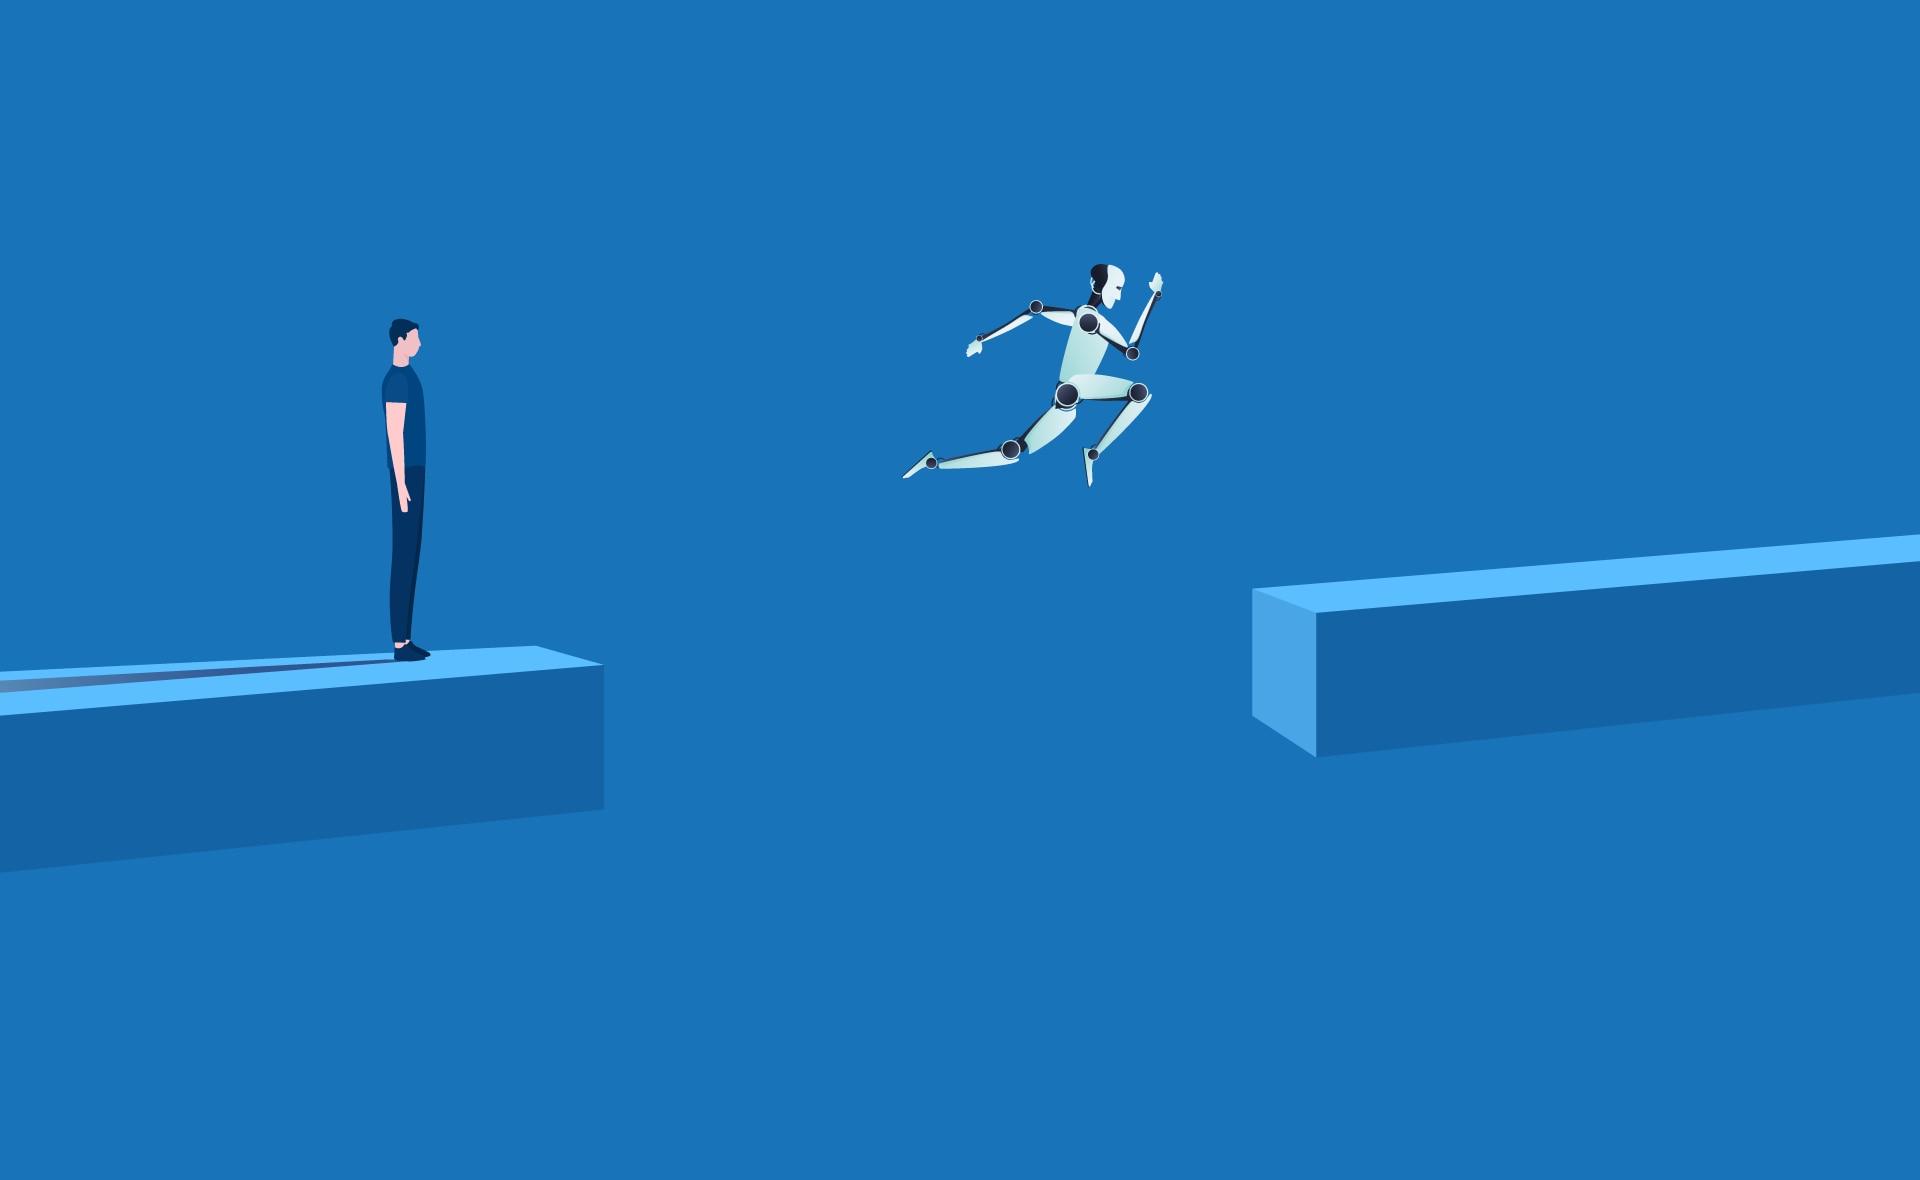 BBVA-innovacion-digital-apertura-salto-ideas-trabajo